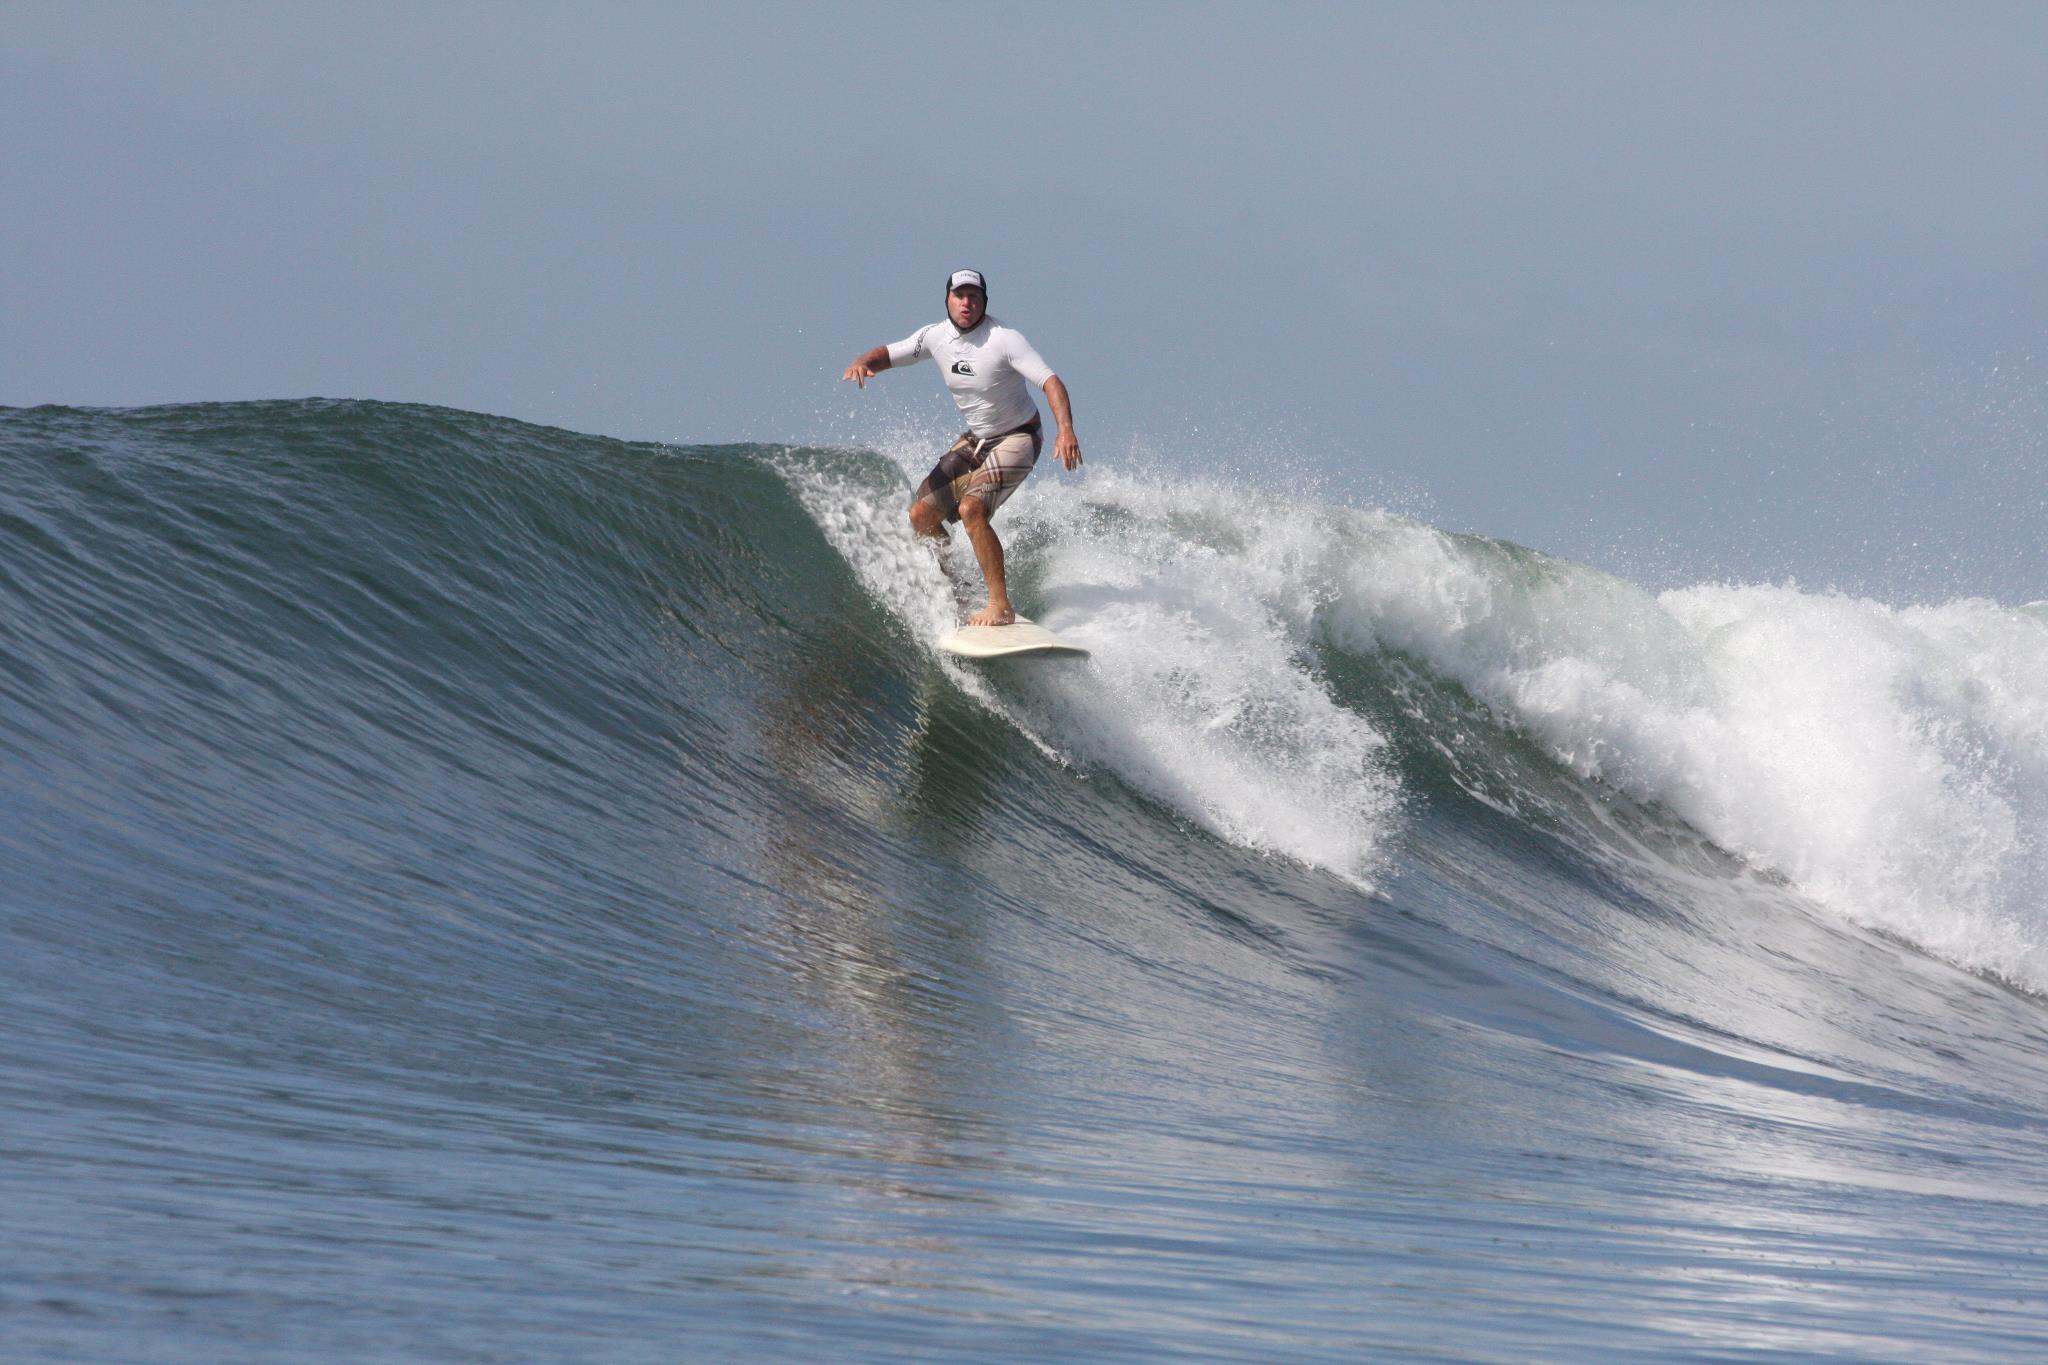 John surfing pic